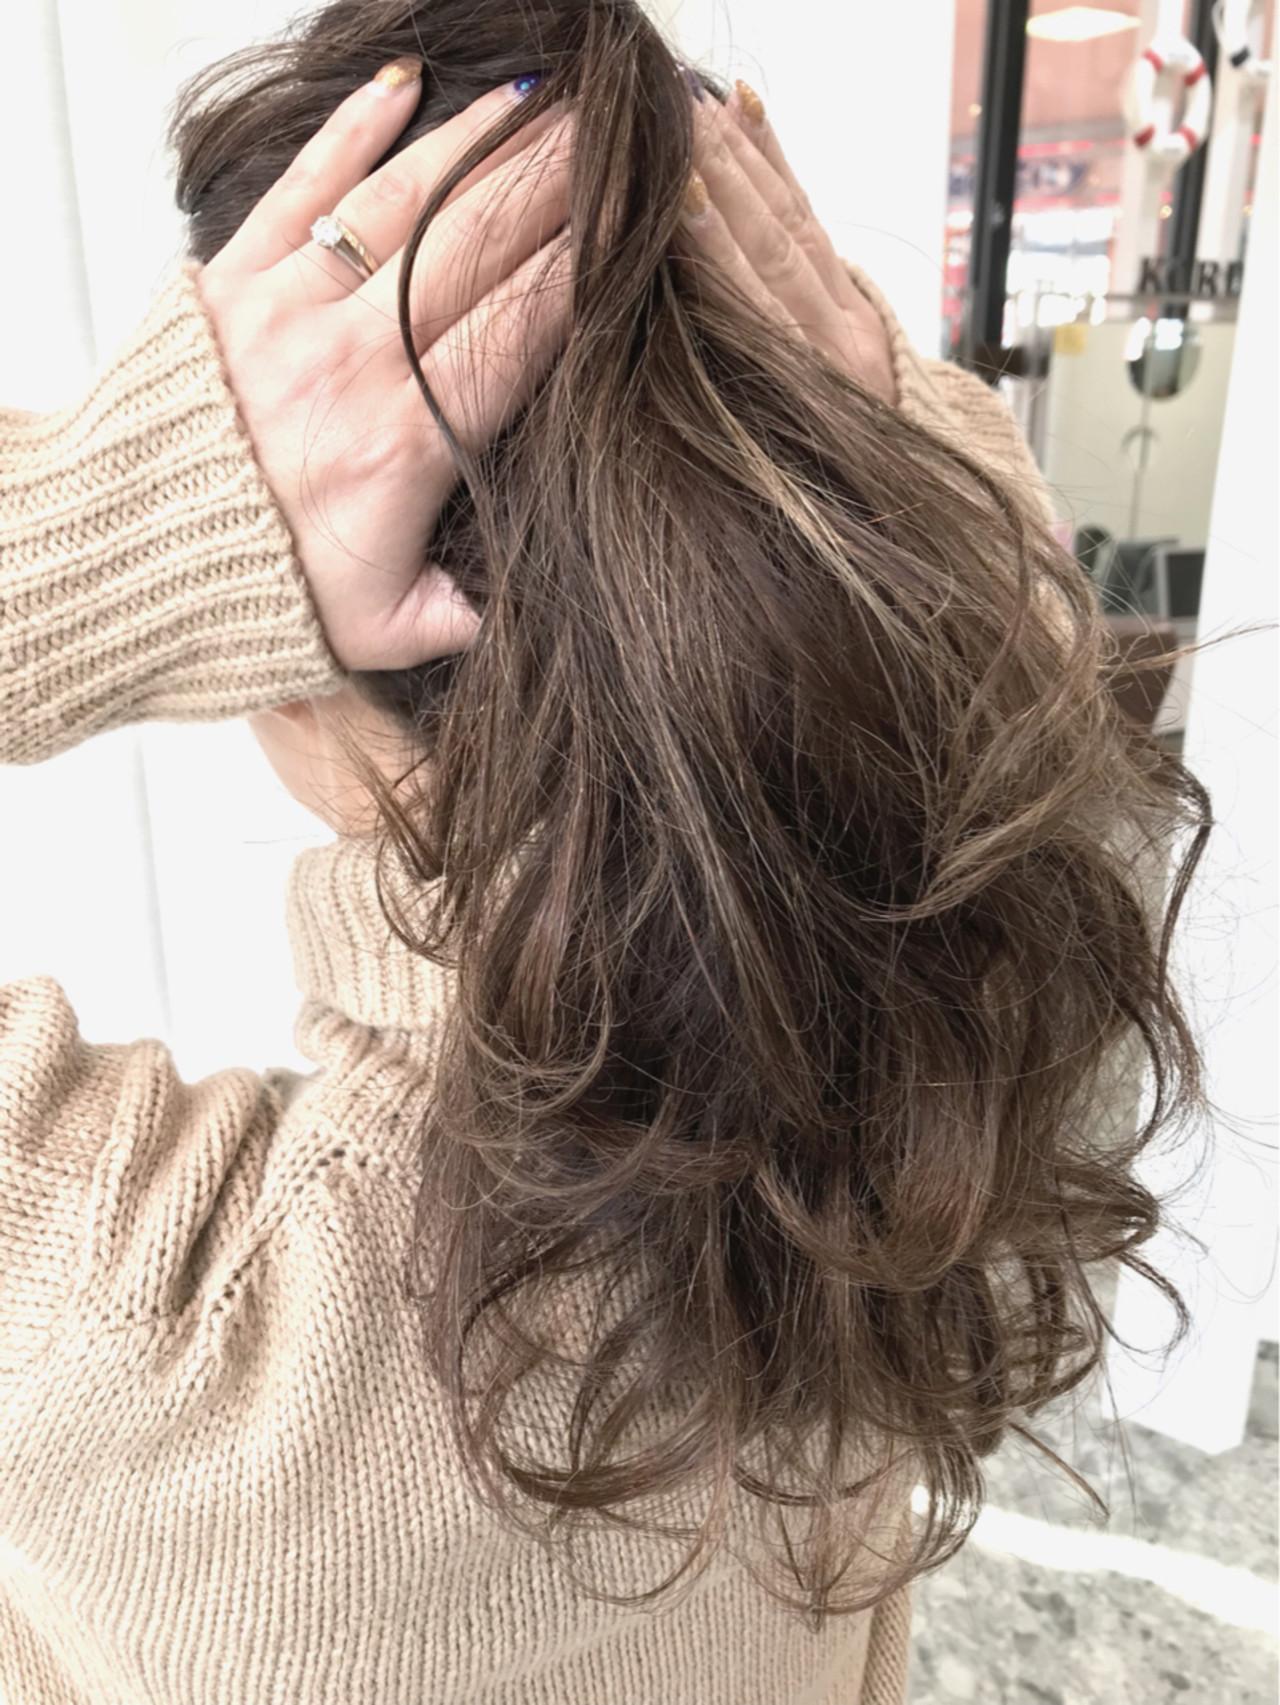 40代の大人の女性にもおすすめの髪型 佐竹 慶彦